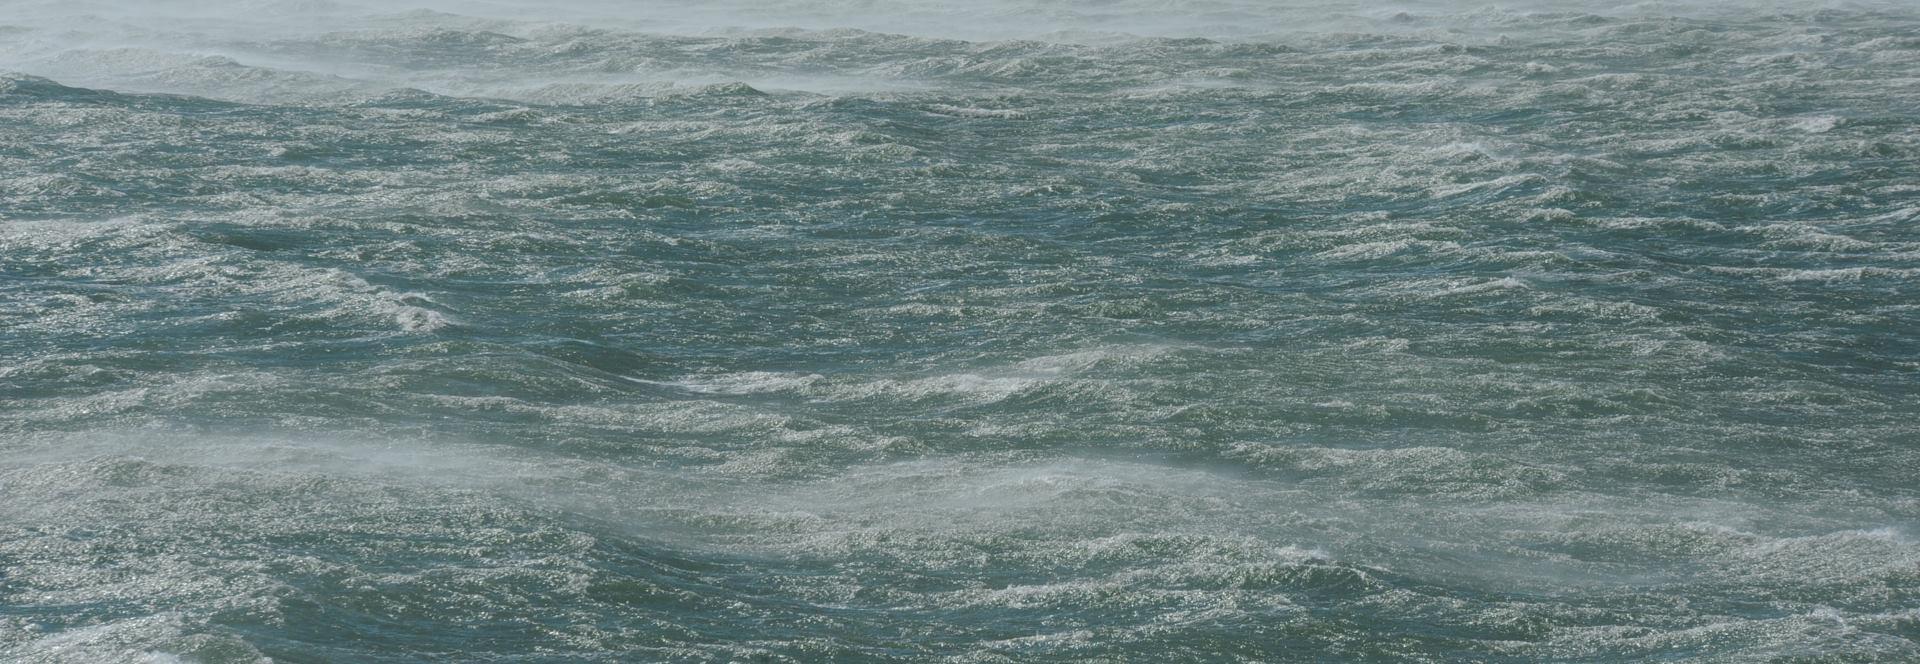 ISPOD POVRŠINE MORA 'Unutarnji valovi' izuzetno važni za eko-sustav